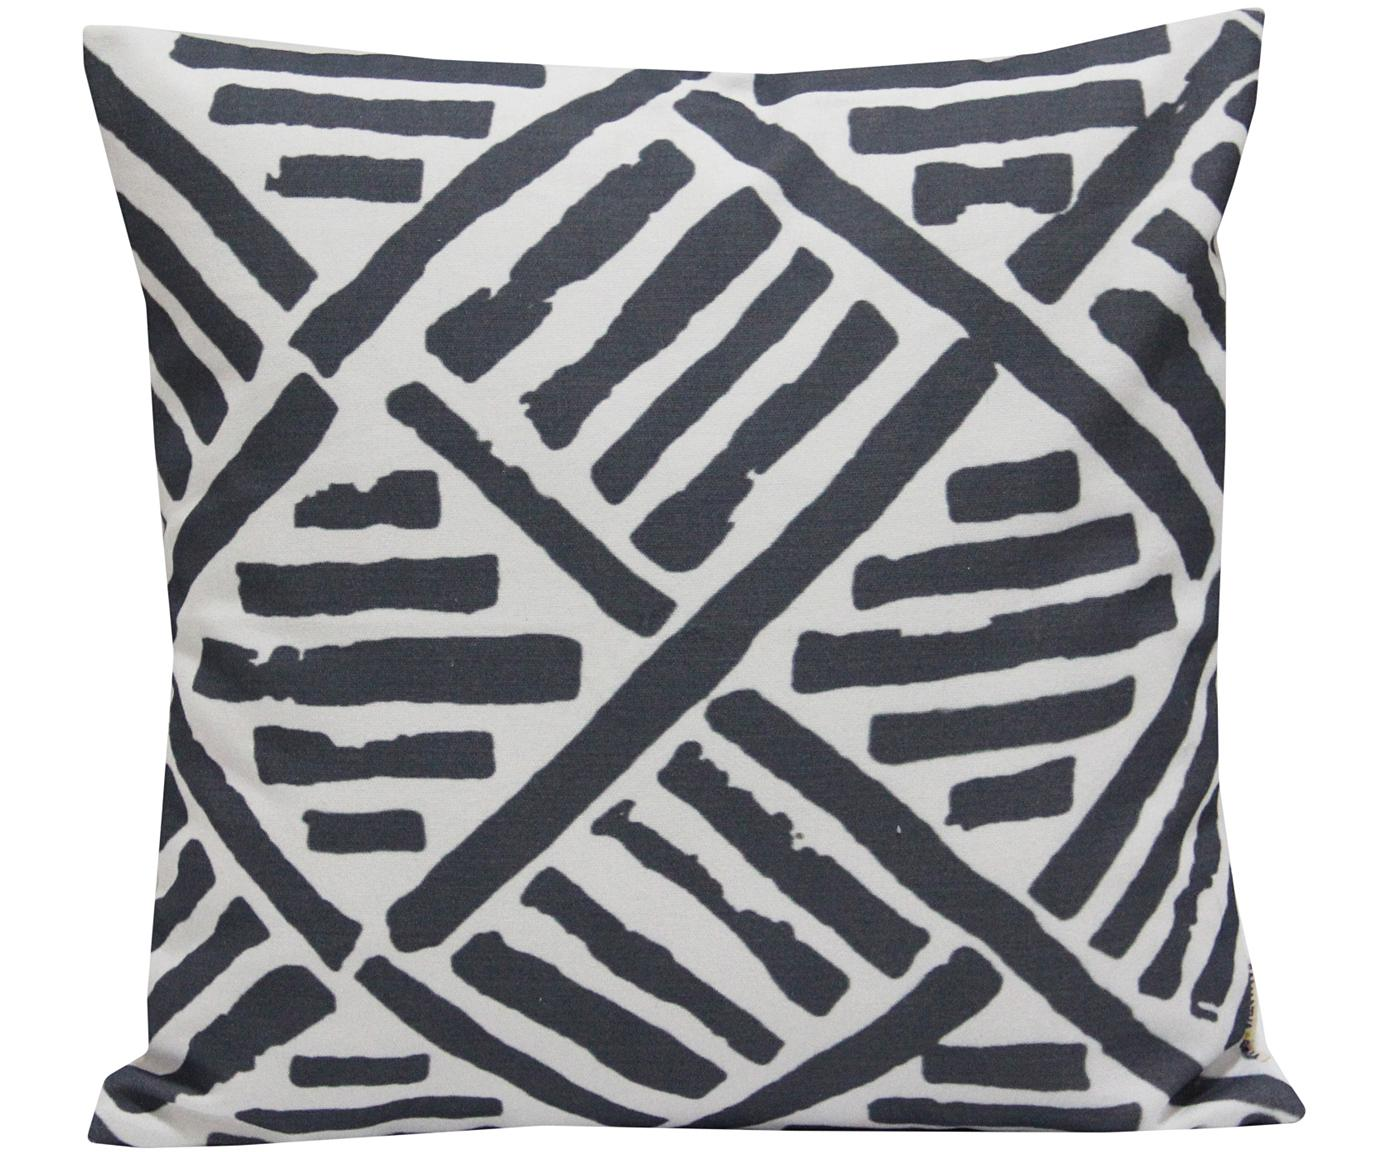 Kissenhülle Len mit grafischem Muster, 100% Baumwolle, Weiss, Schwarz, 45 x 45 cm